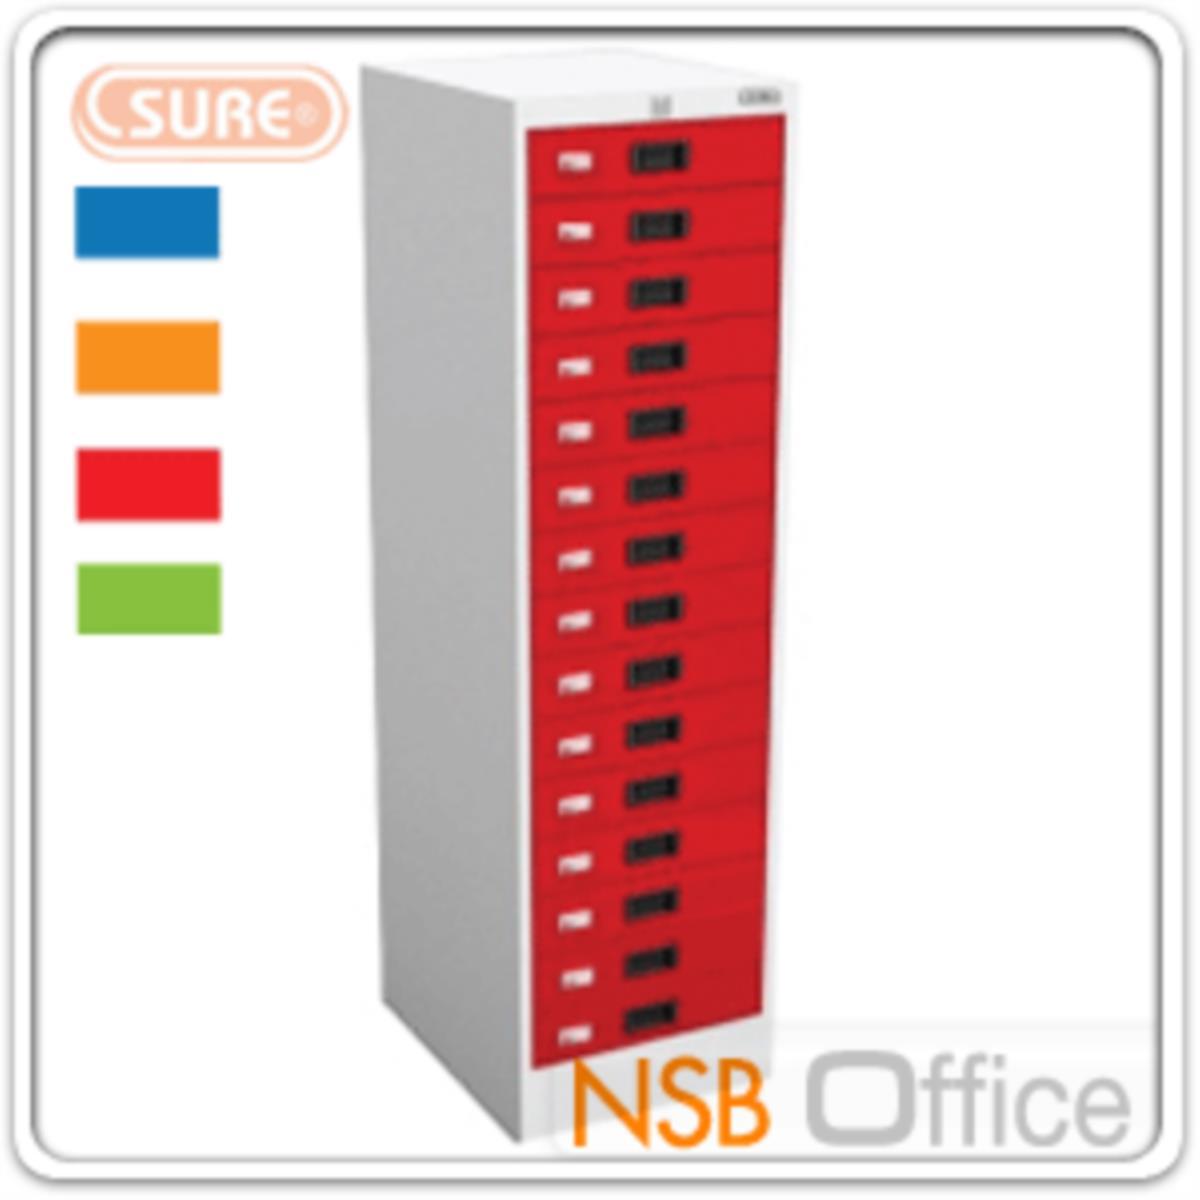 ตู้เหล็กเก็บแบบฟอร์ม15 ลิ้นชัก ยี่ห้อ SURE รุ่น CFC-215 หน้าบานสีสัน (มี 4 สีให้เลือก)